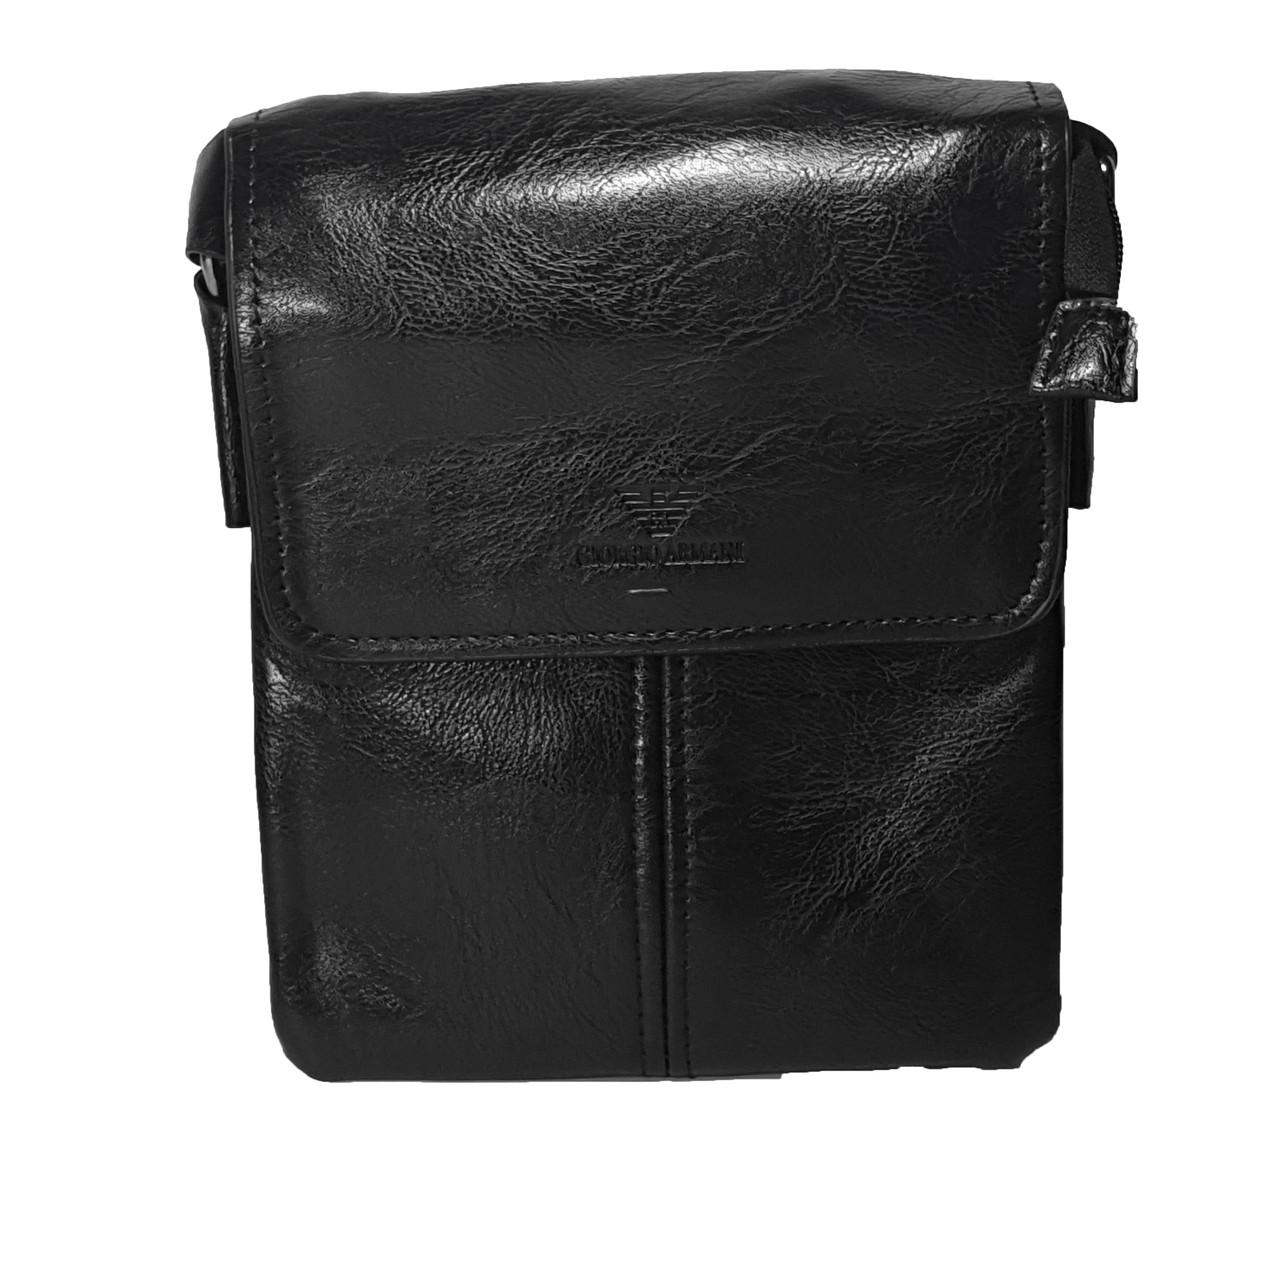 Многосекционная сумка с клапаном Giorgio Armani